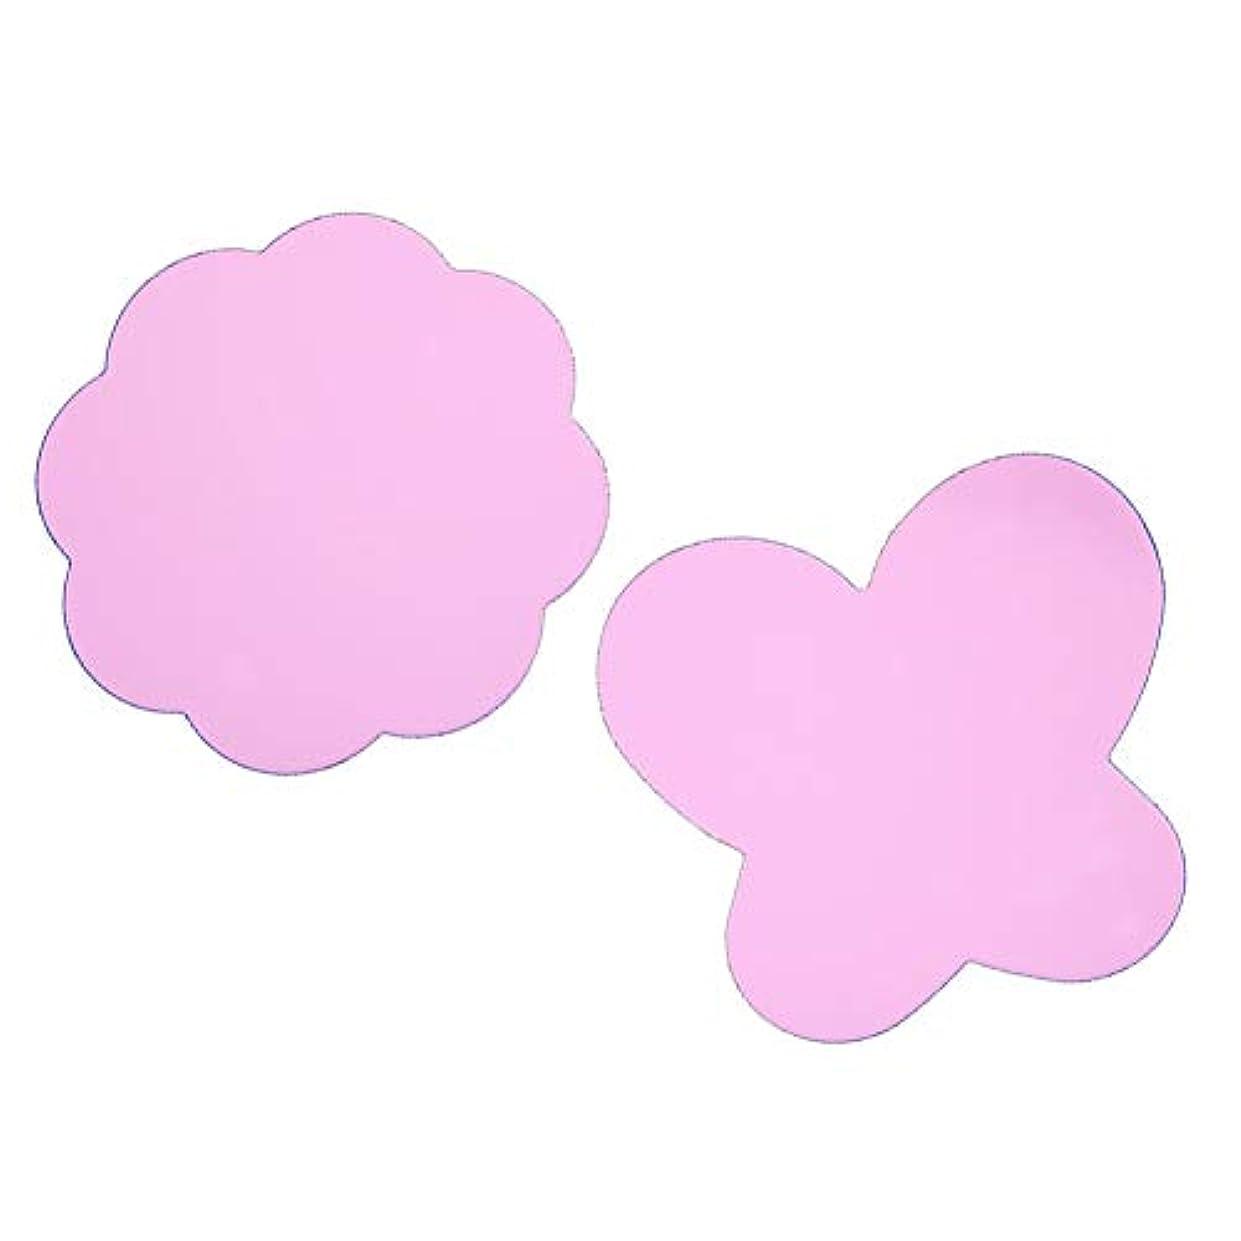 守る乳製品ペネロペ(ピンク)2折り畳み可能なシリコーンパッド塗料パレット洗浄バタフライプラムネイルDIY爪スタンピングツールパッド